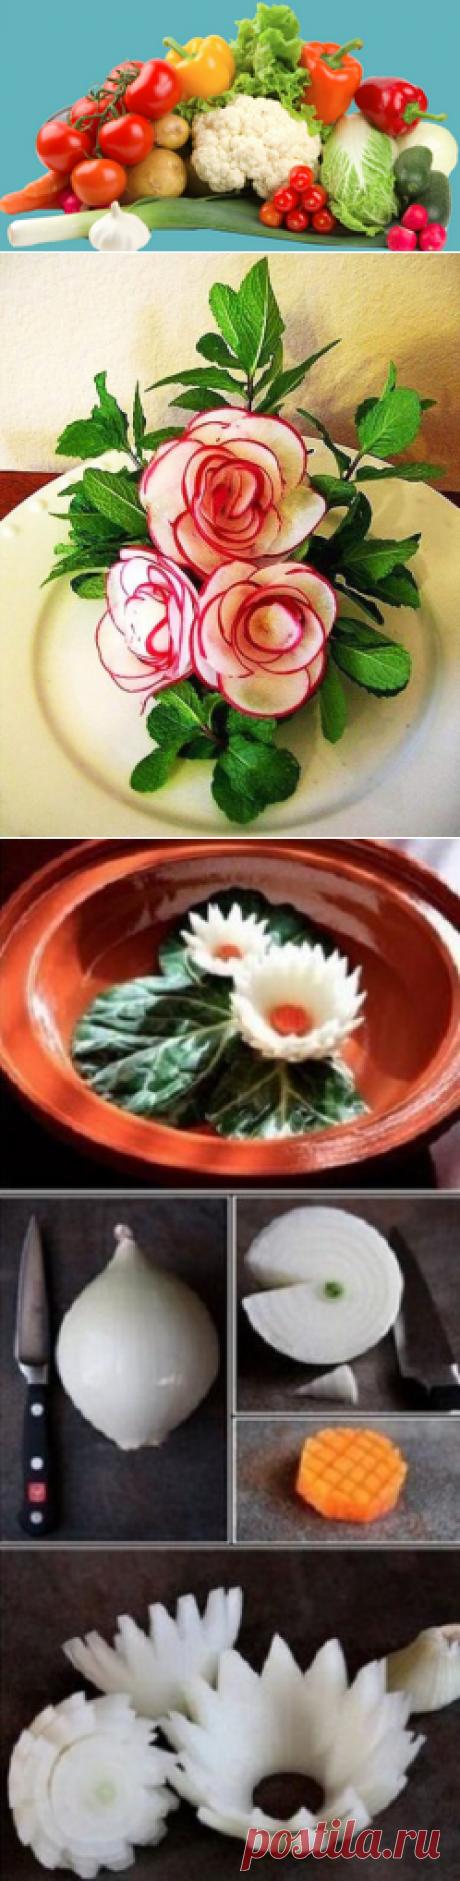 Цветы из овощей для украшения блюд